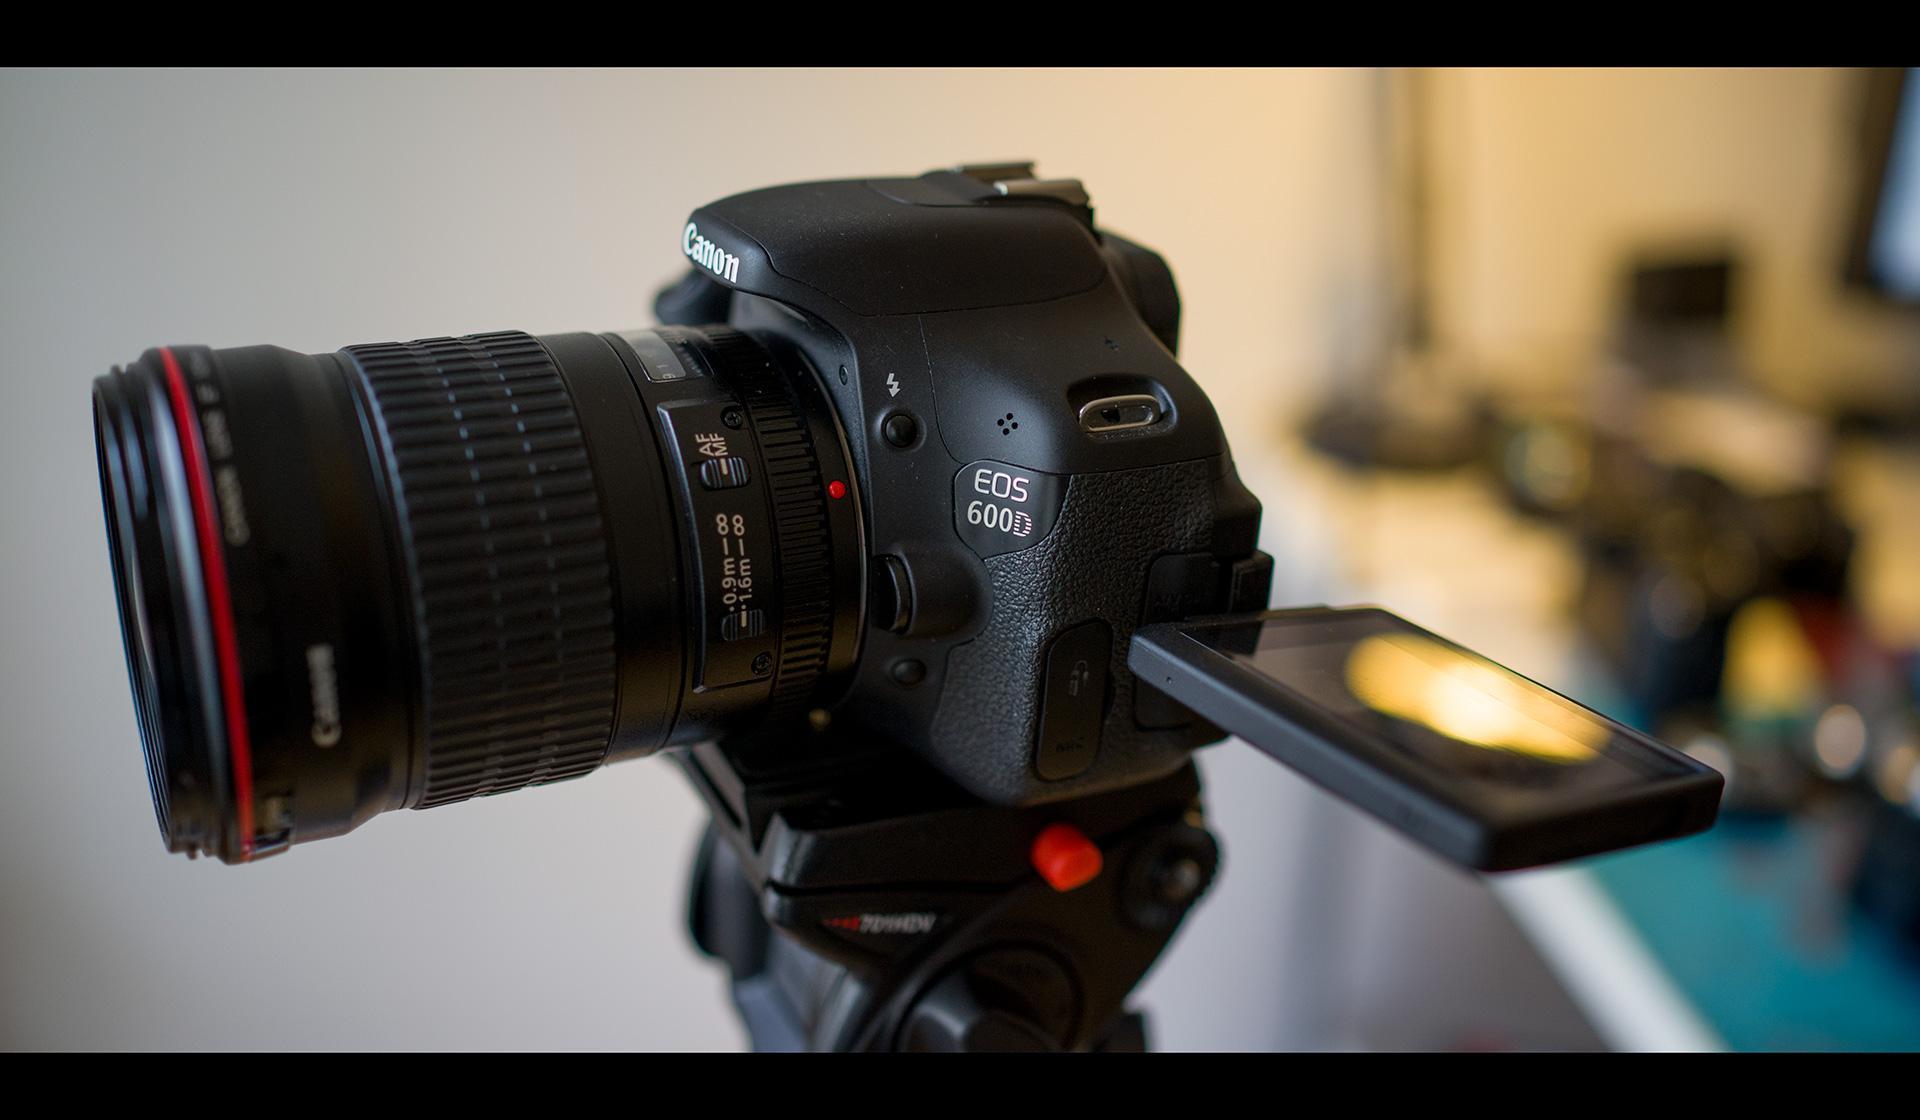 Как выбрать объектив для зеркалки, подбор оптики для зеркального фотоаппарата